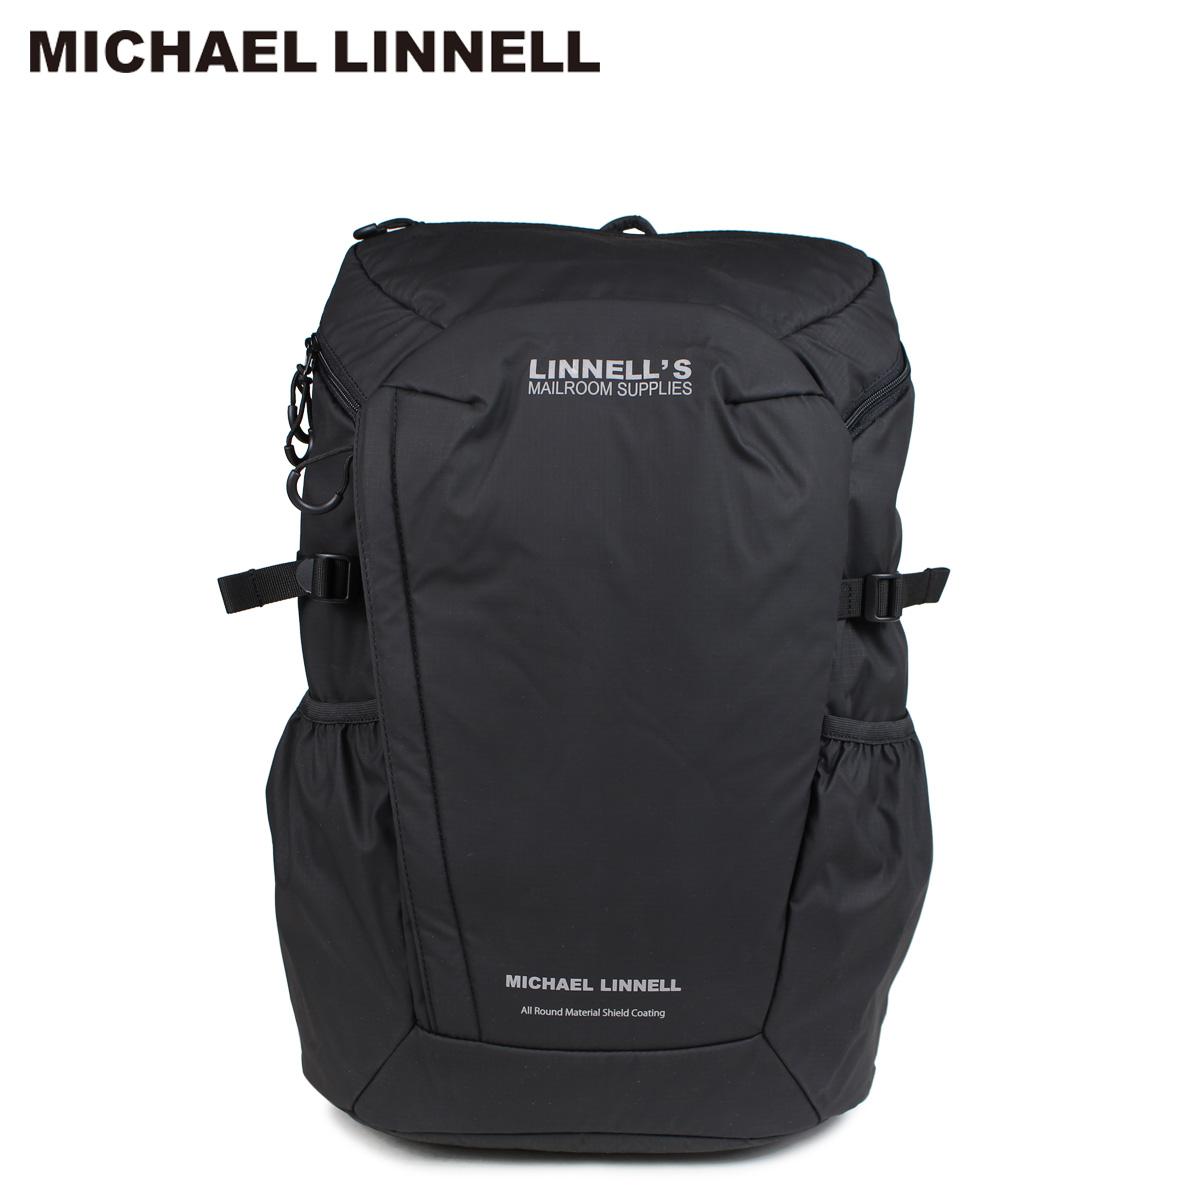 マイケルリンネル MICHAEL LINNELL リュック バッグ 29L メンズ レディース バックパック BACKPACK ブラック MLAC-01 [10/22 新入荷]